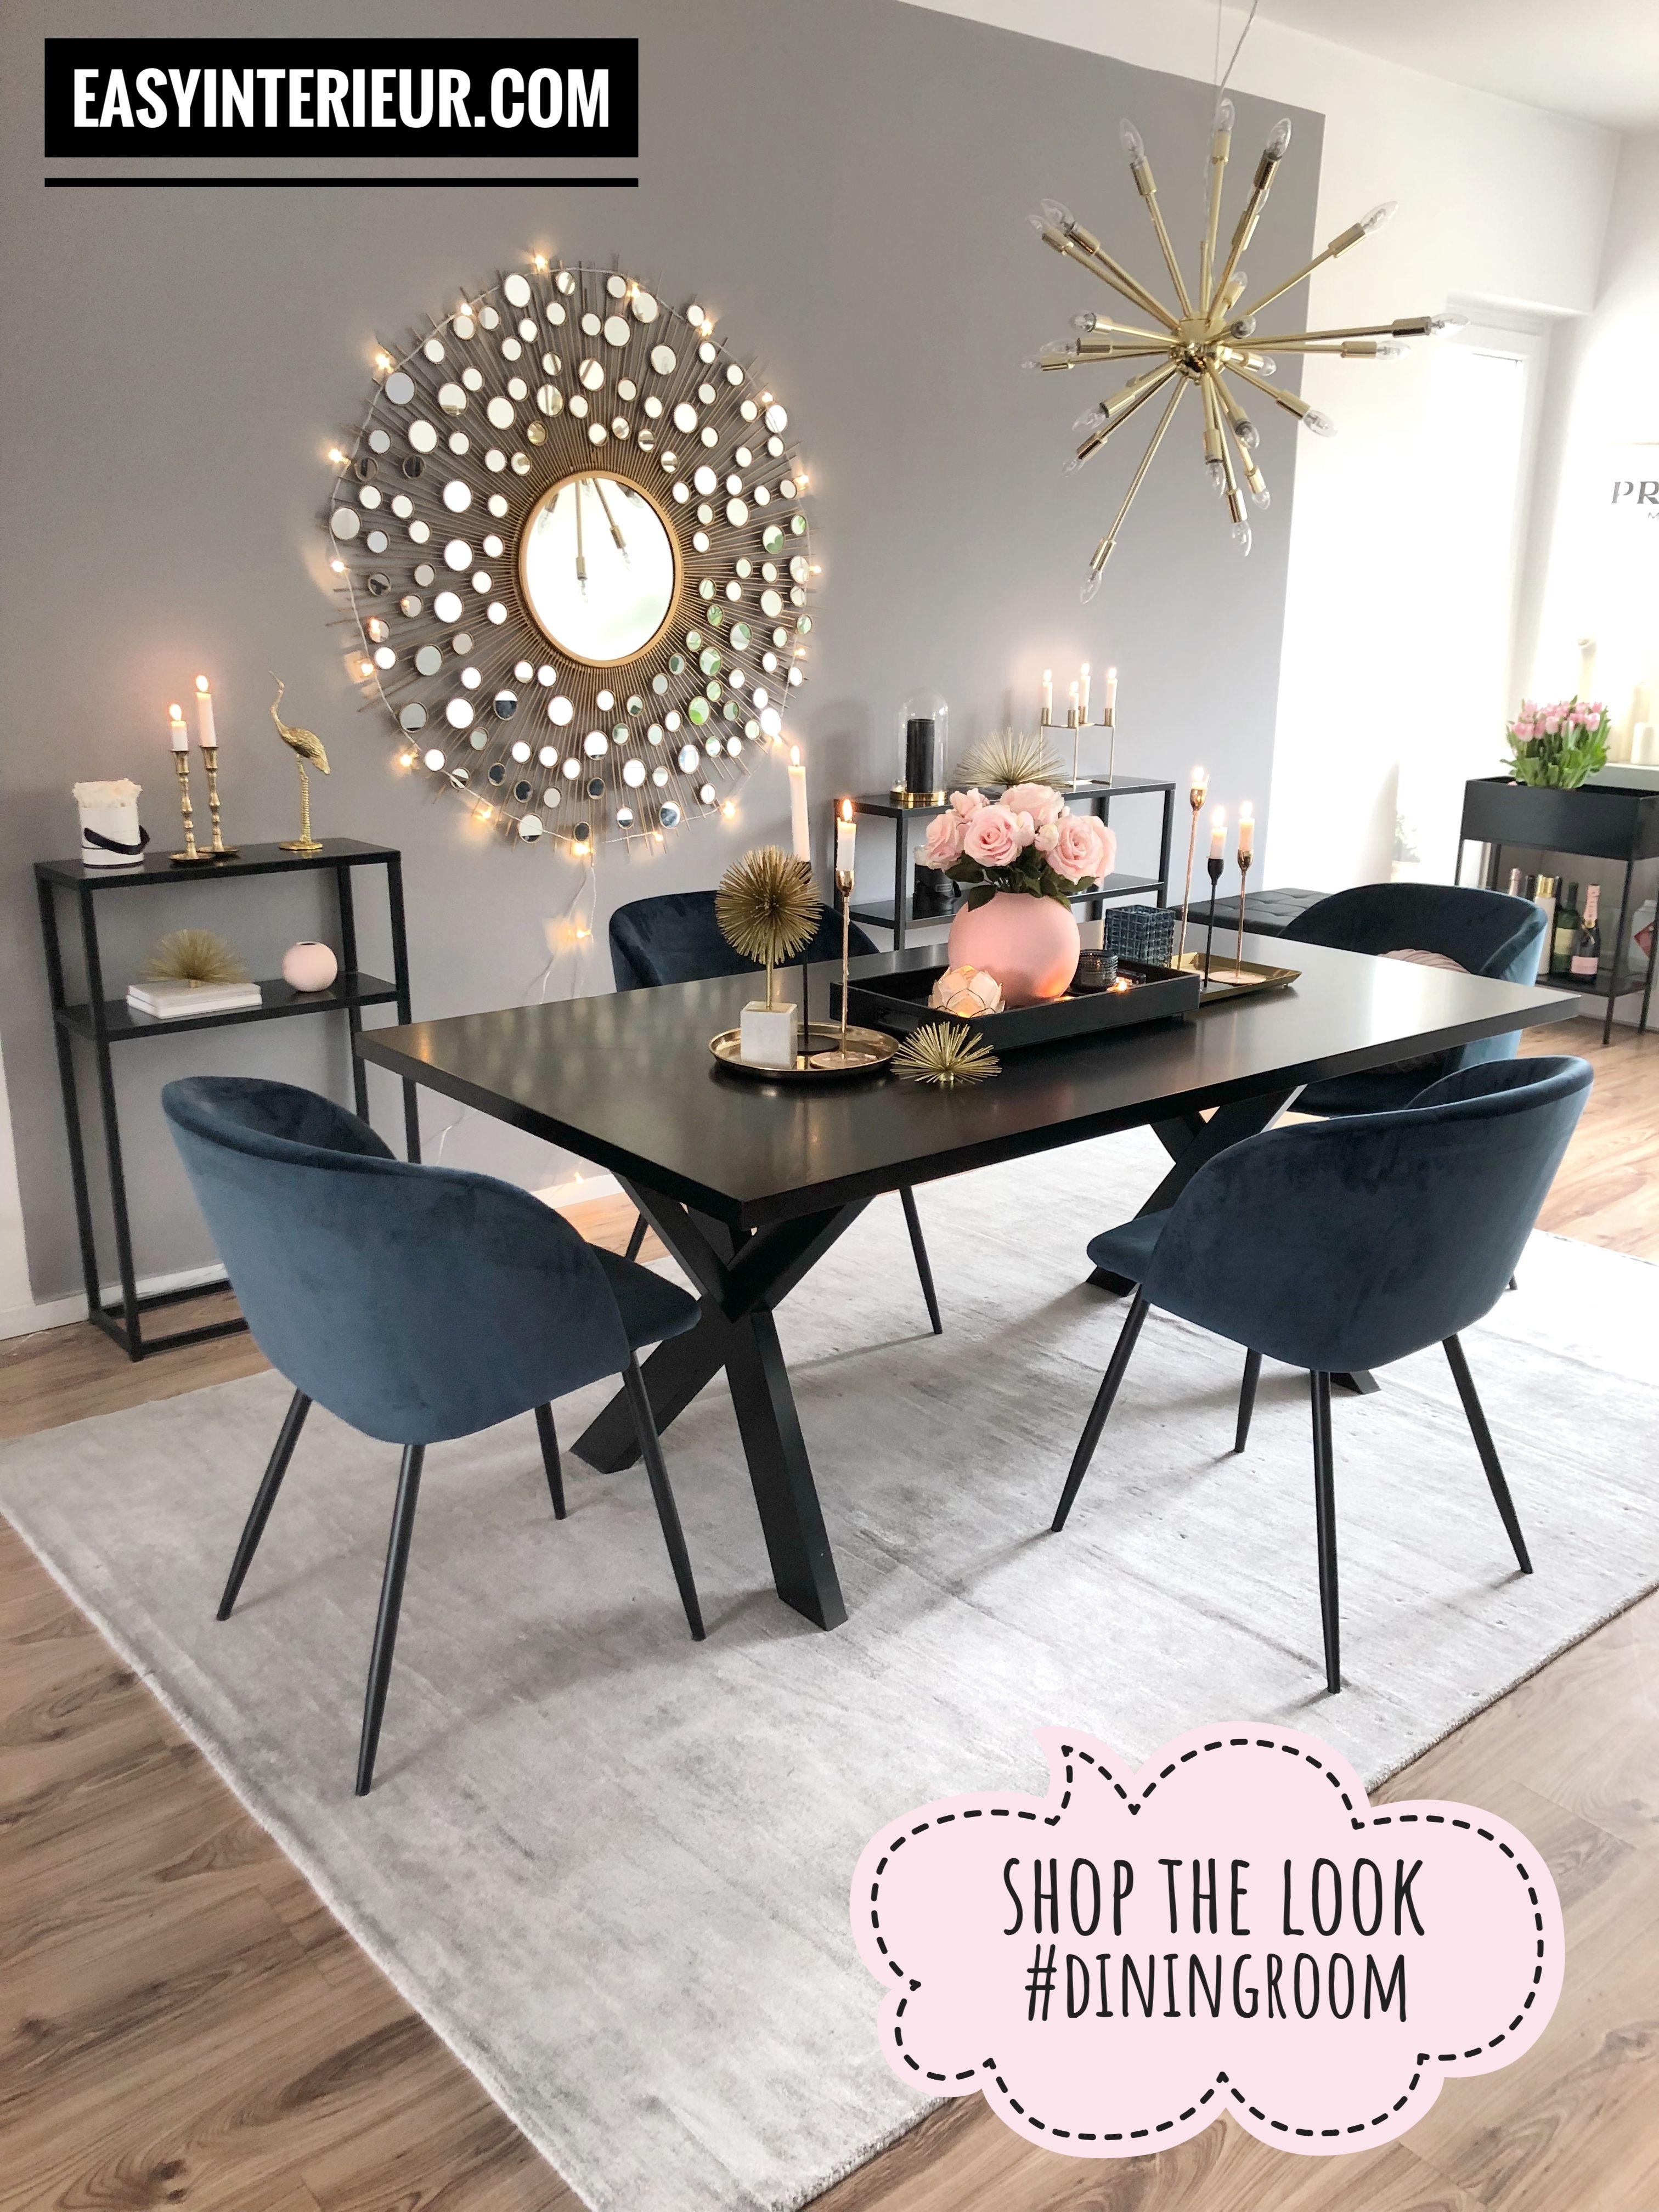 #werbung#esszimmer#diningroom#dinigarea#tisch#esstisch#spiegel#kommode